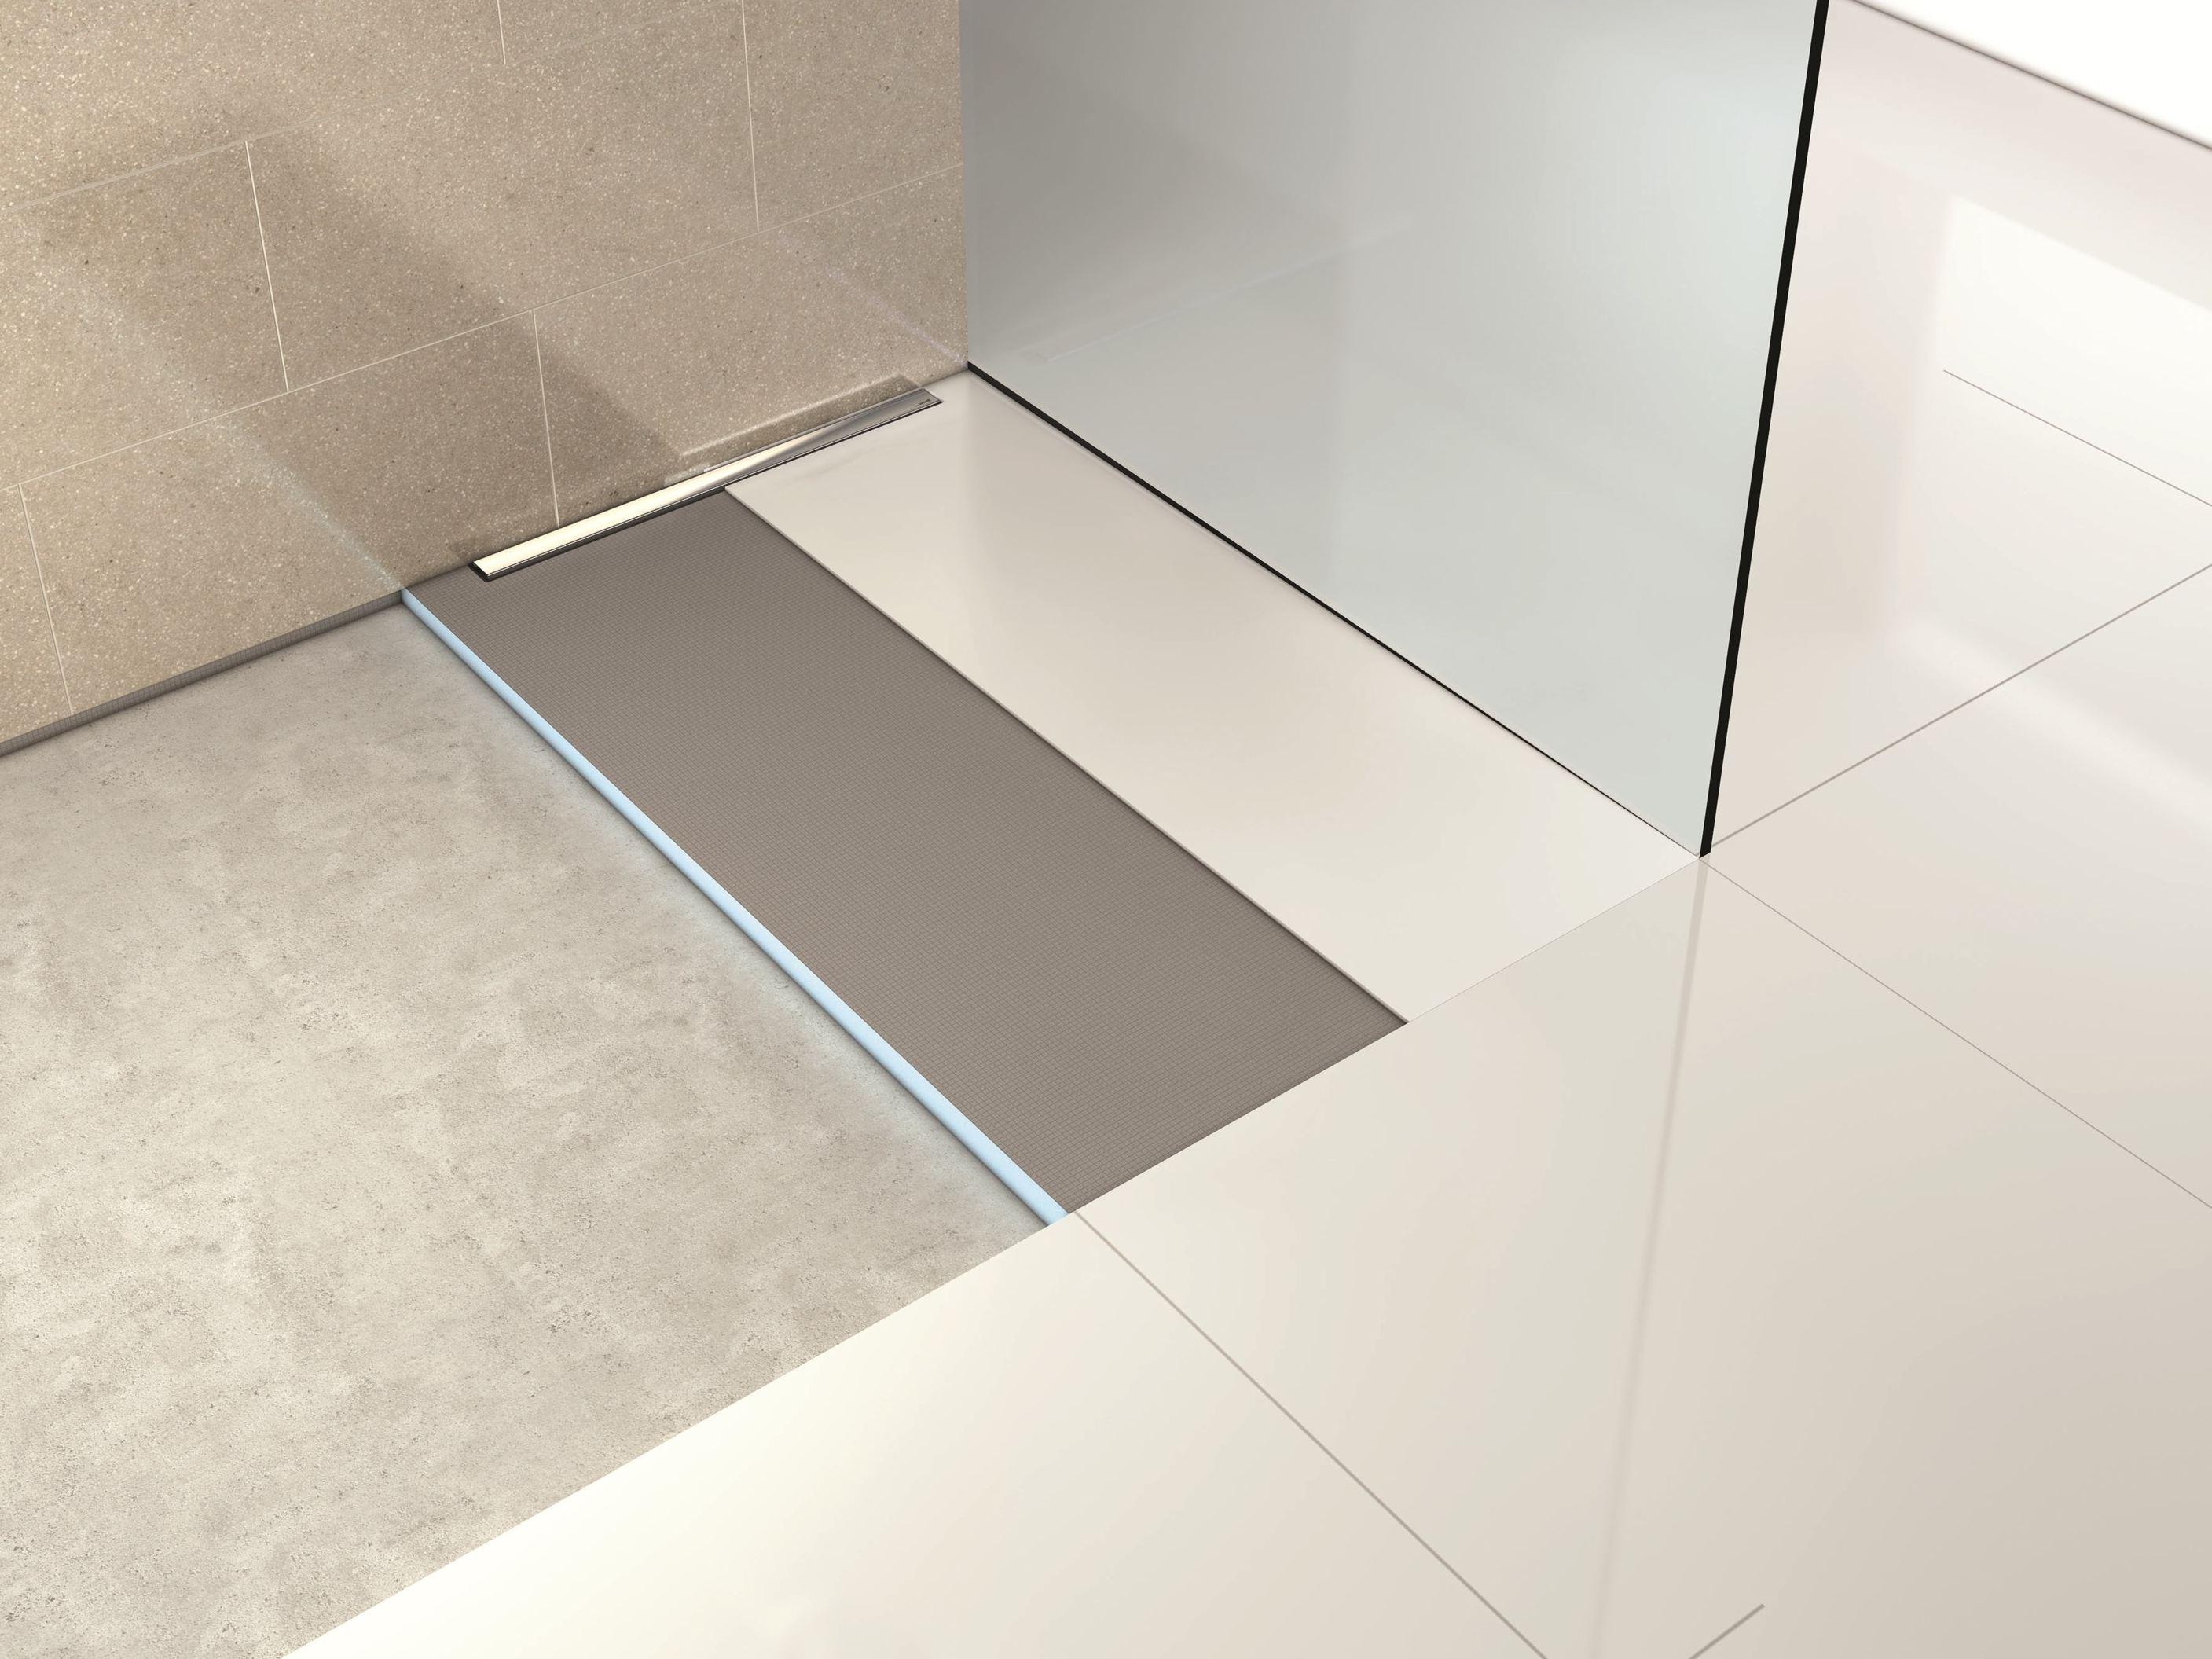 Piatto doccia piastrellato riolito neo riofino - Impermeabilizzazione piastrelle doccia ...